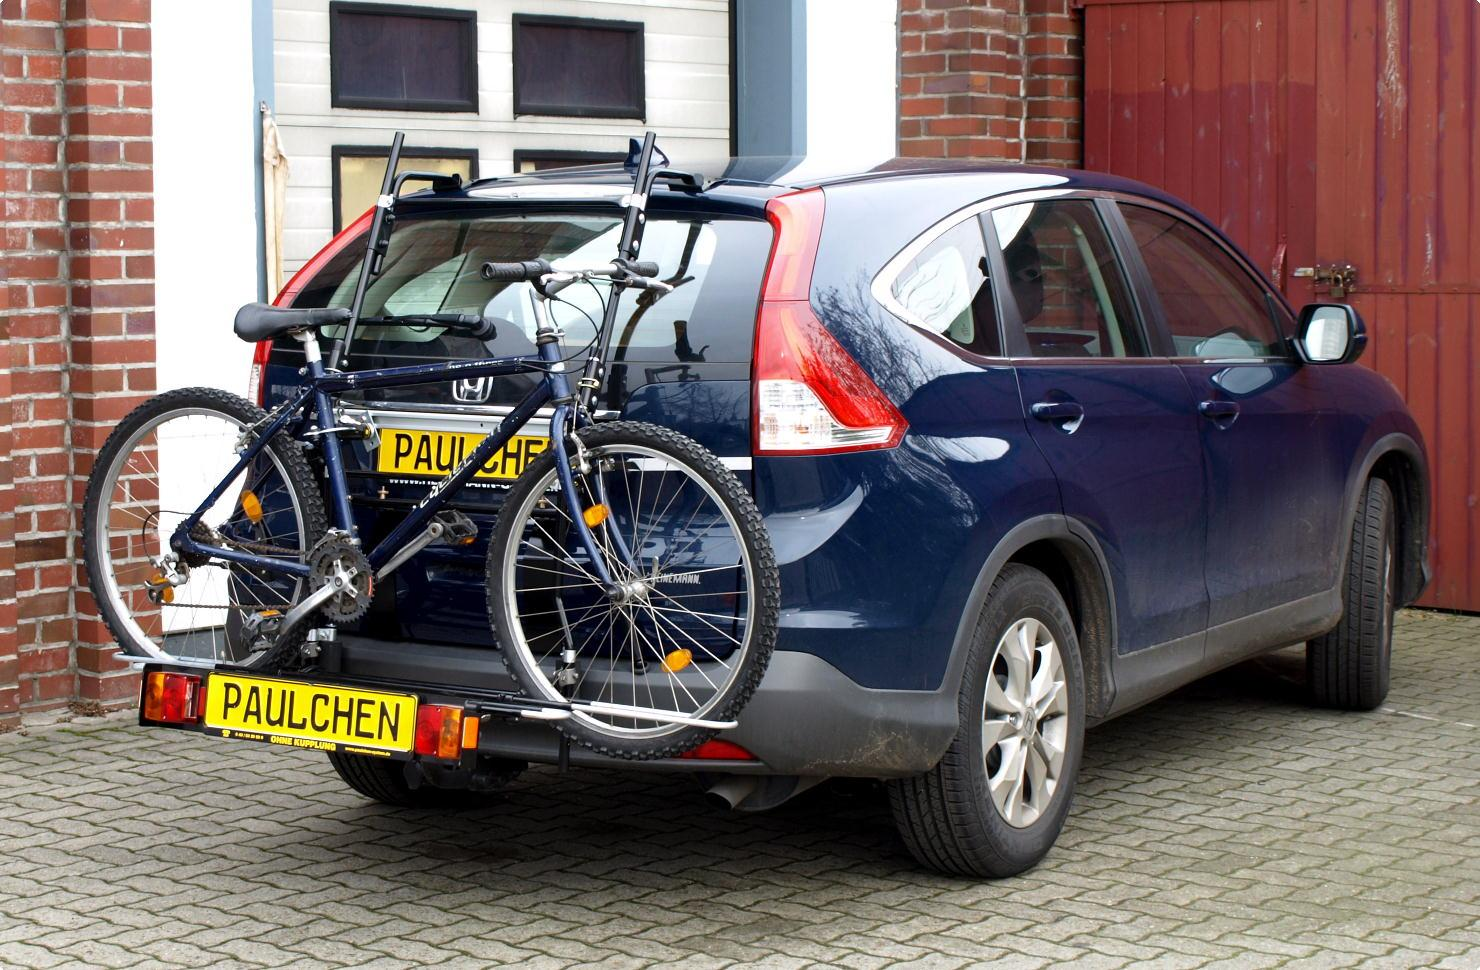 ab 2012 Fahrradträger Heckklappe für 2 Fahrräder Heckträger Honda CR-V Bj